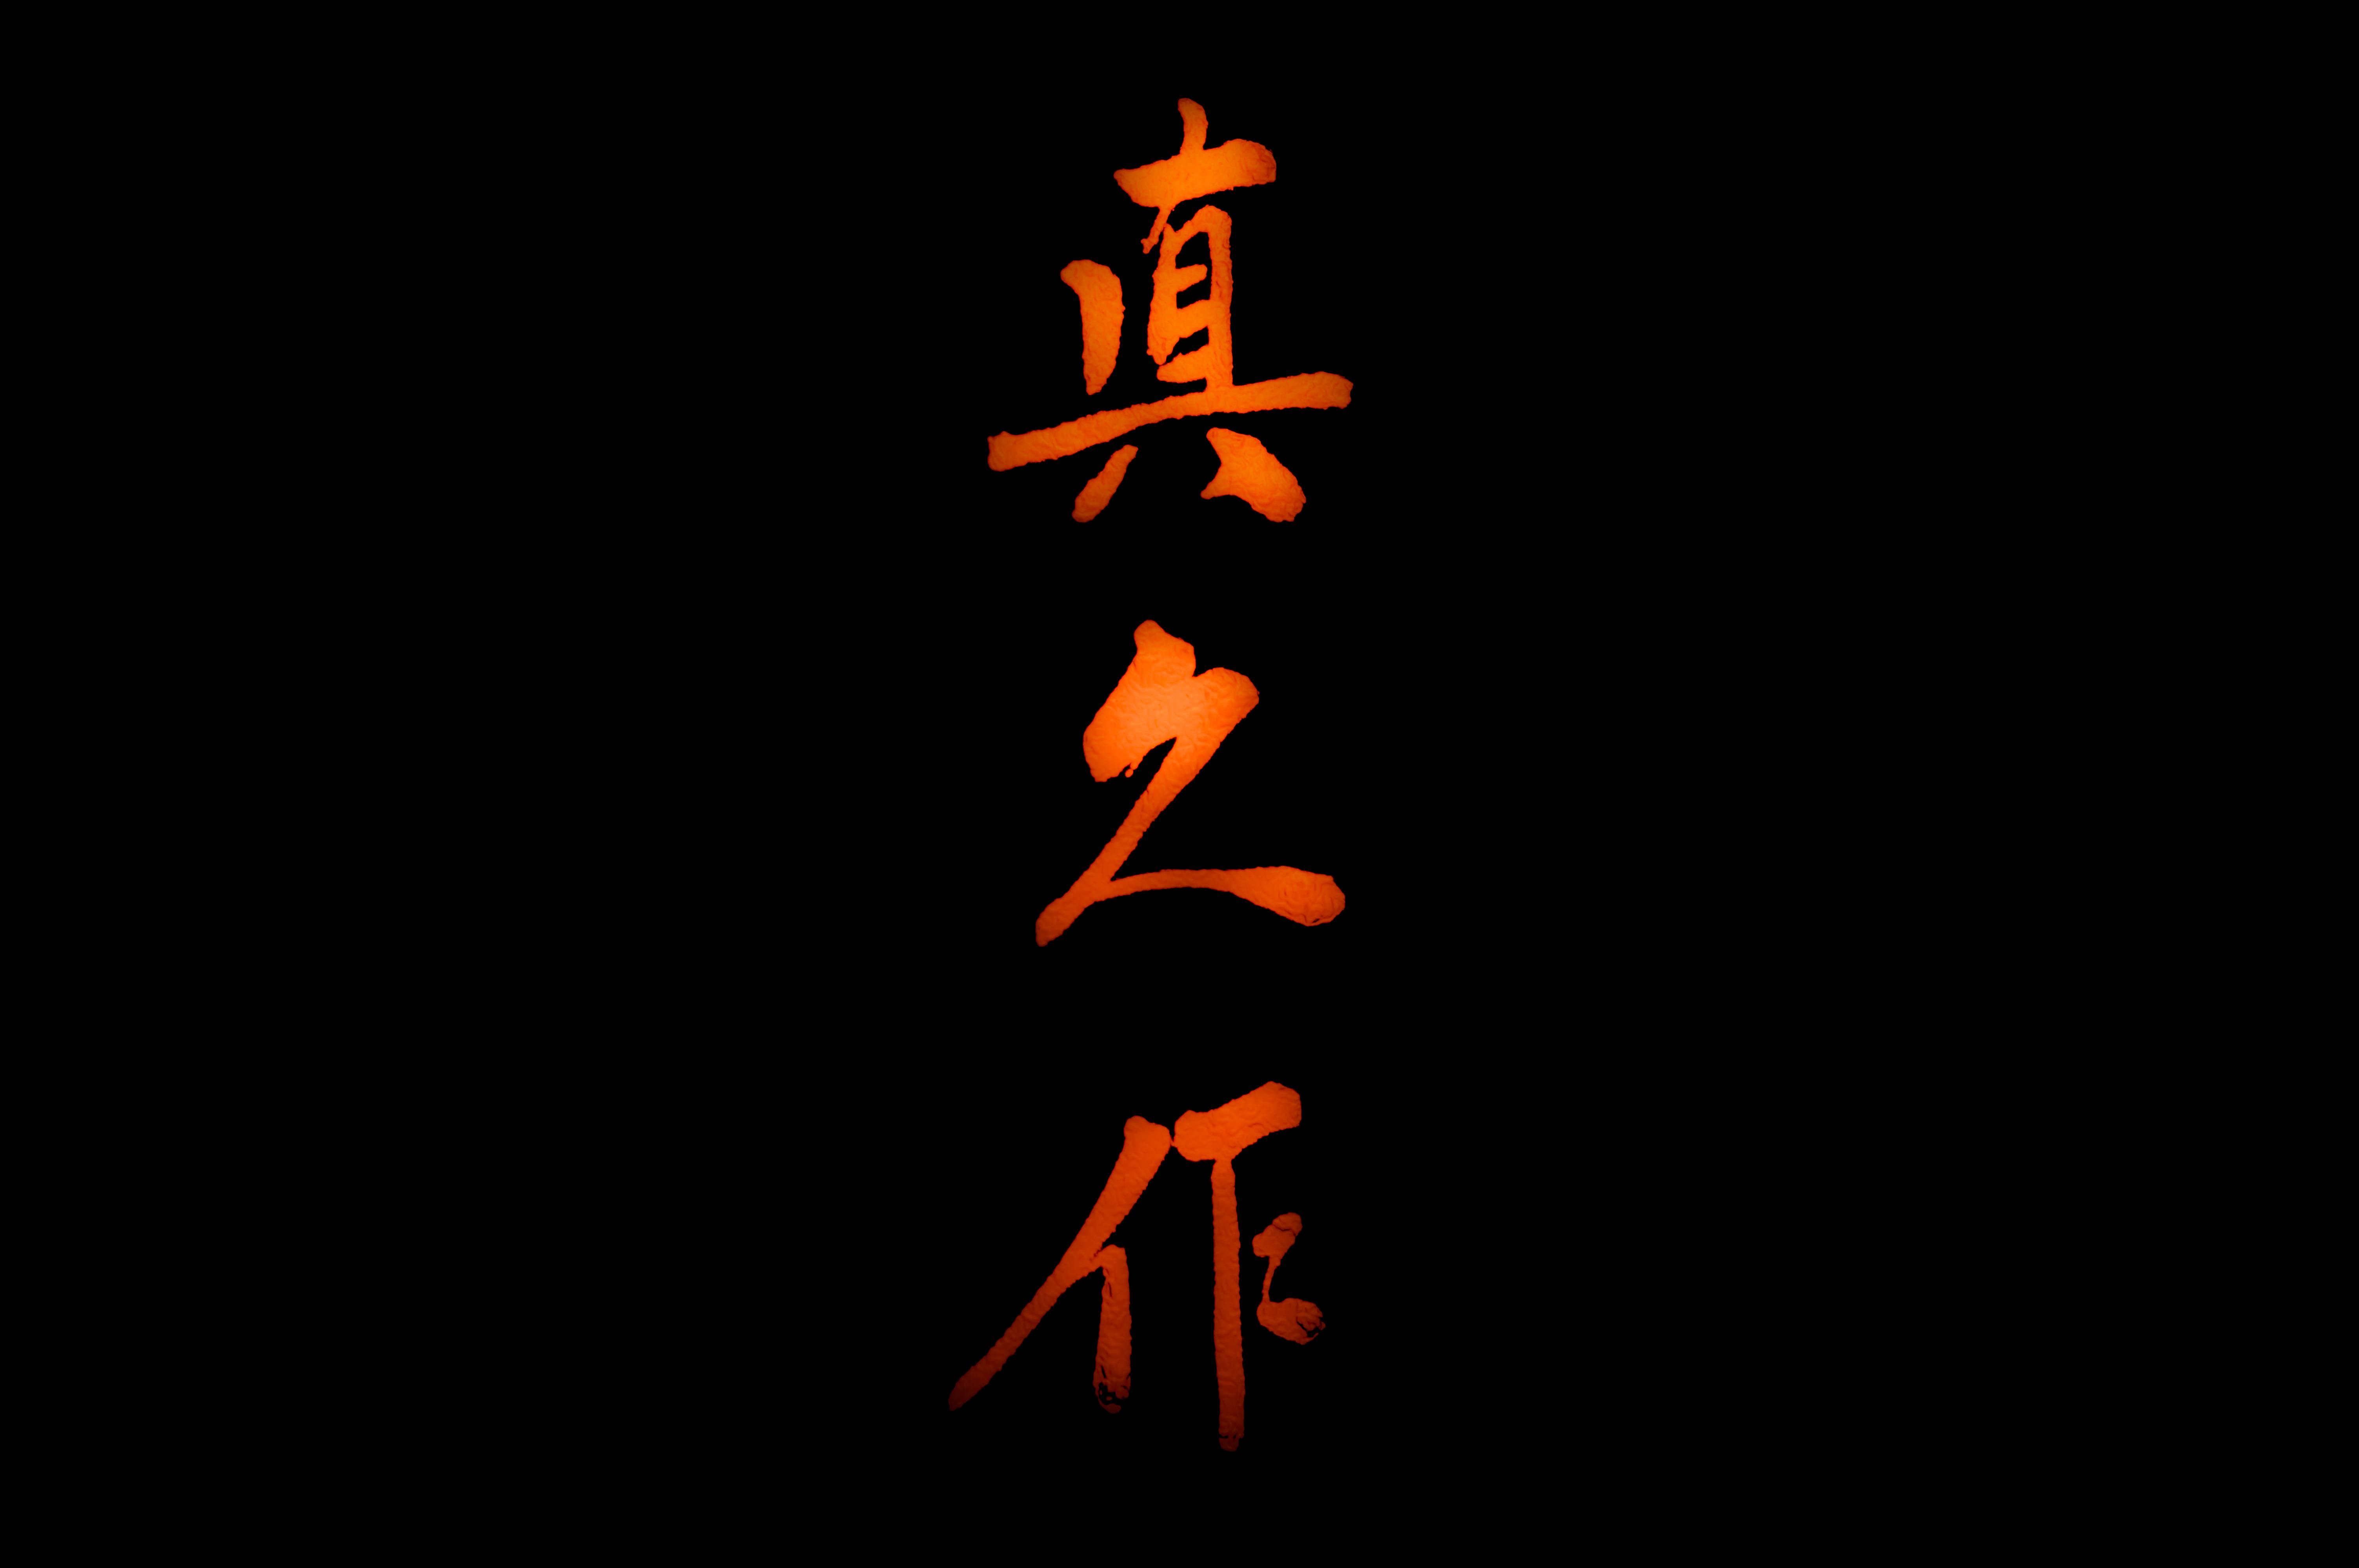 142481 Hintergrundbild herunterladen Hieroglyphe, Symbole, Zeichen, Die Wörter, Wörter, Inschrift, Kalligraphie - Bildschirmschoner und Bilder kostenlos